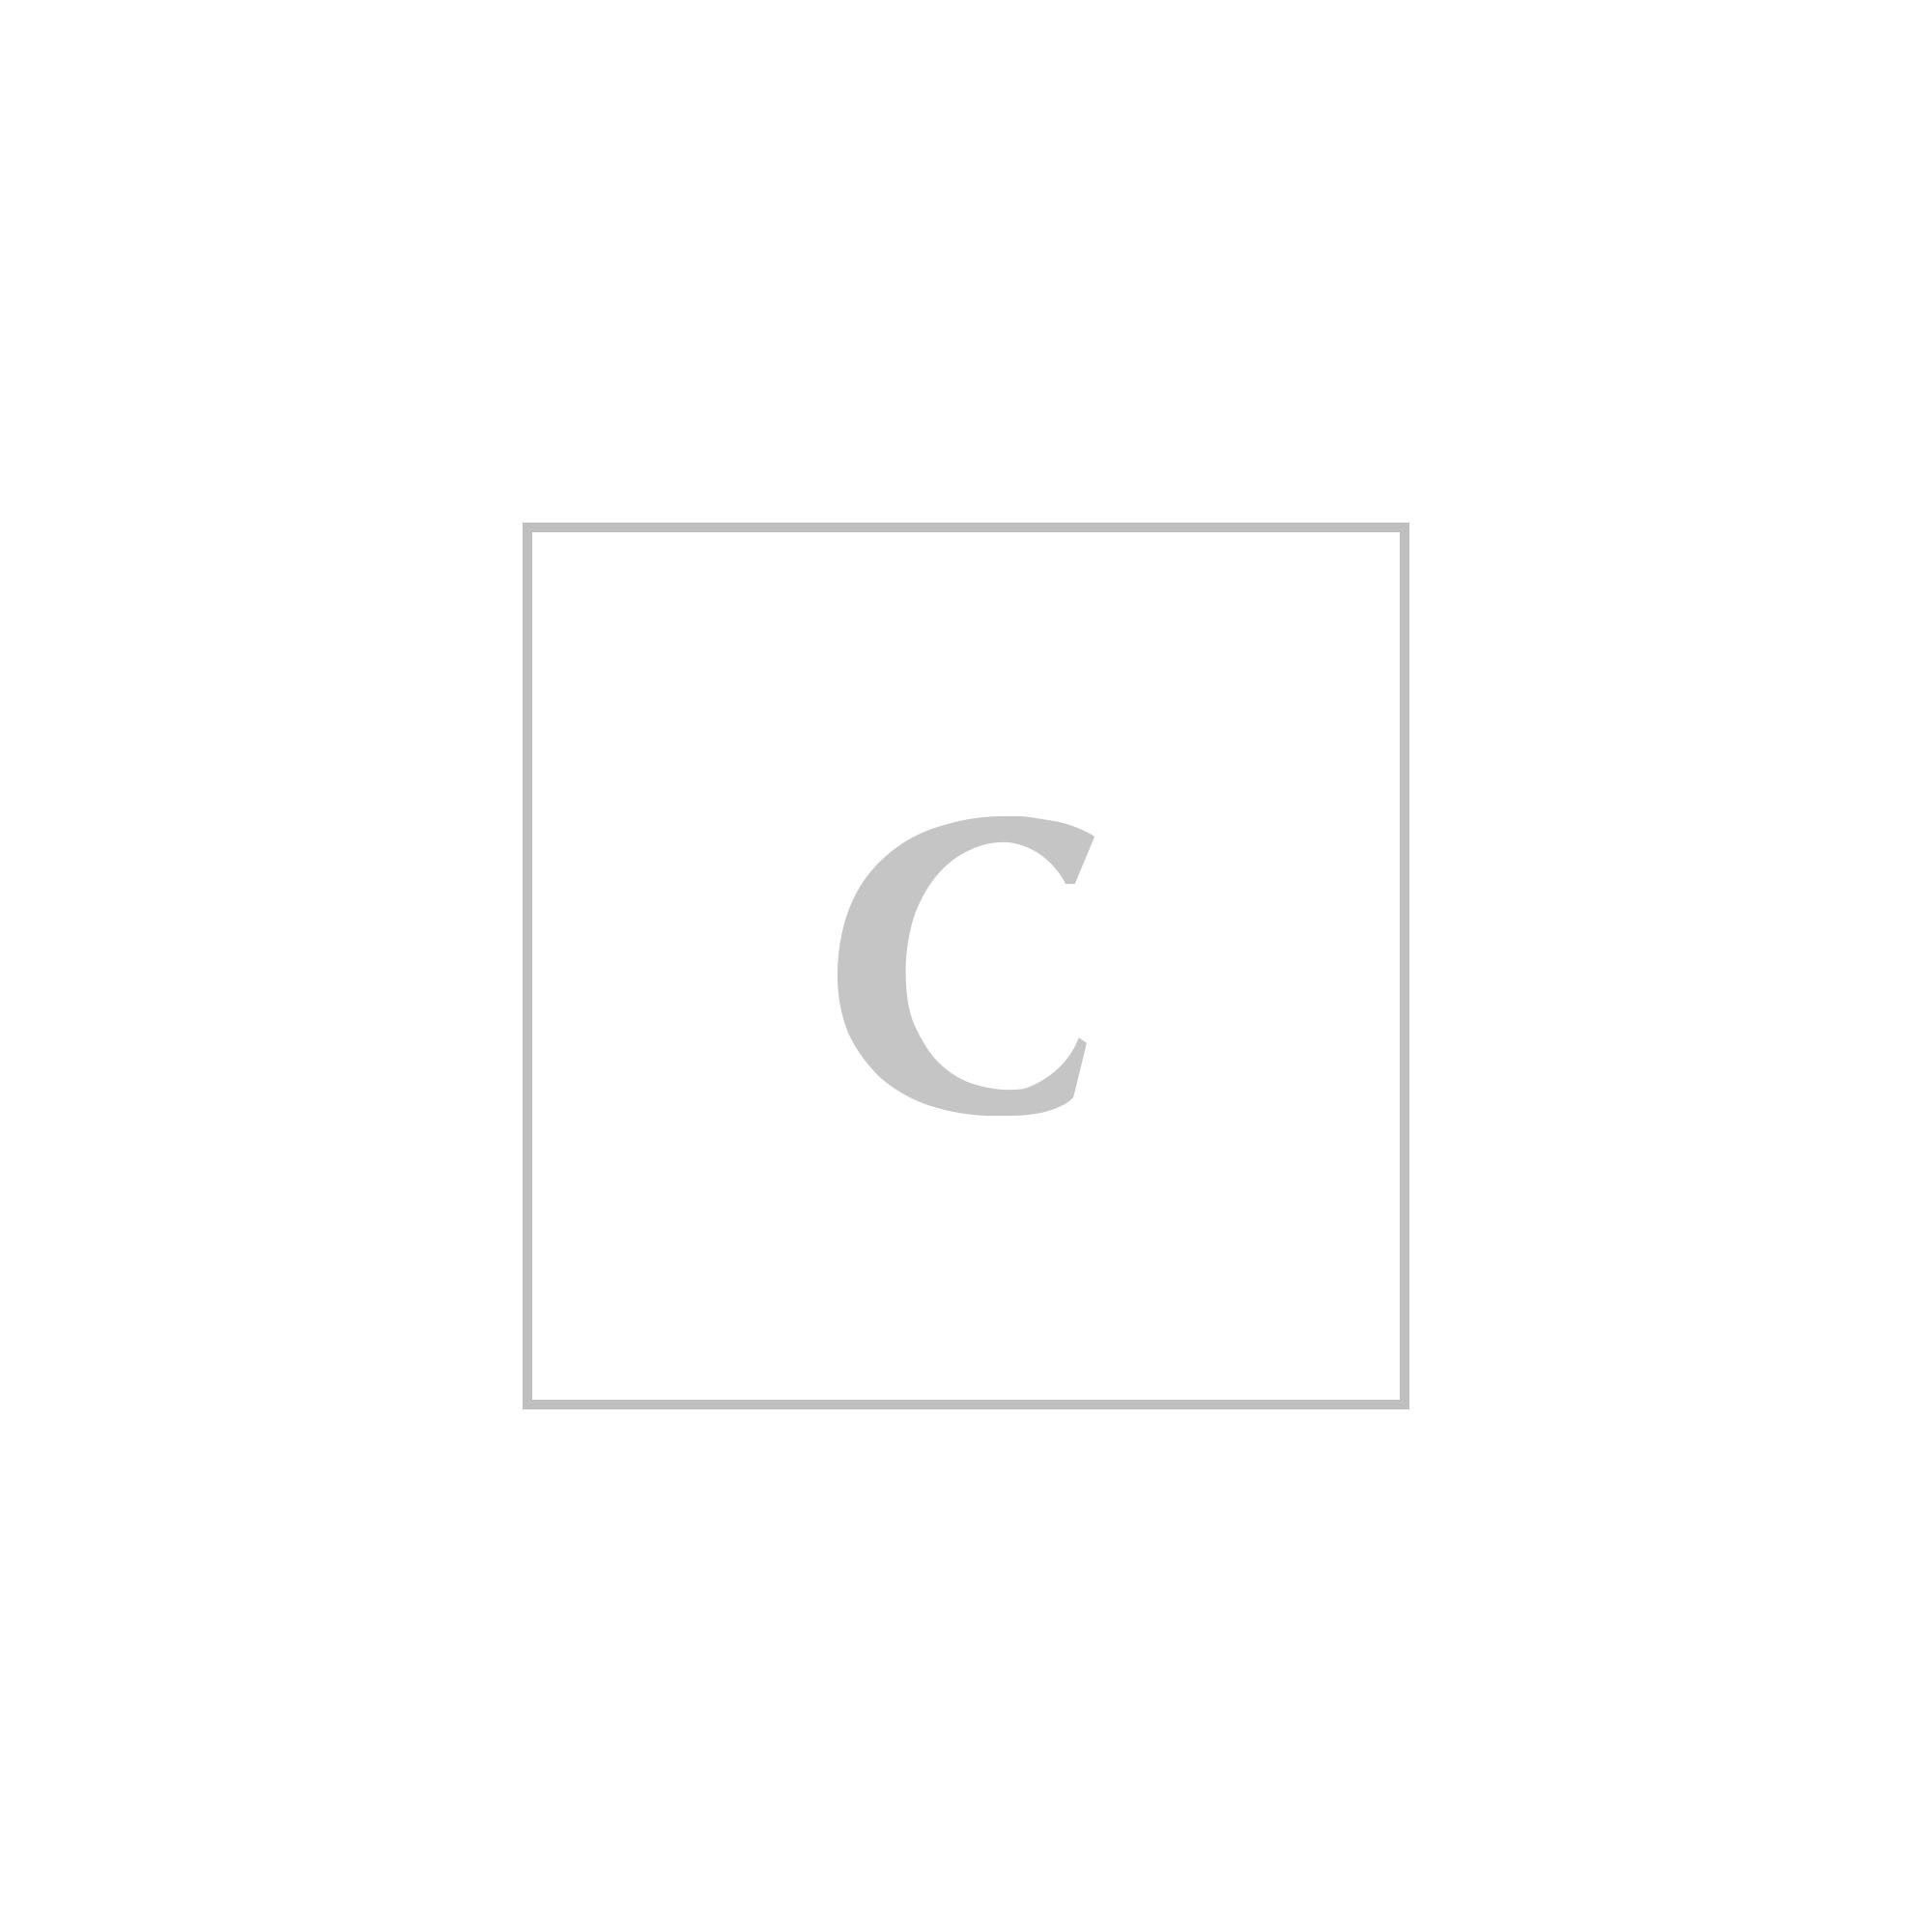 Saint laurent classic medium monogram bag